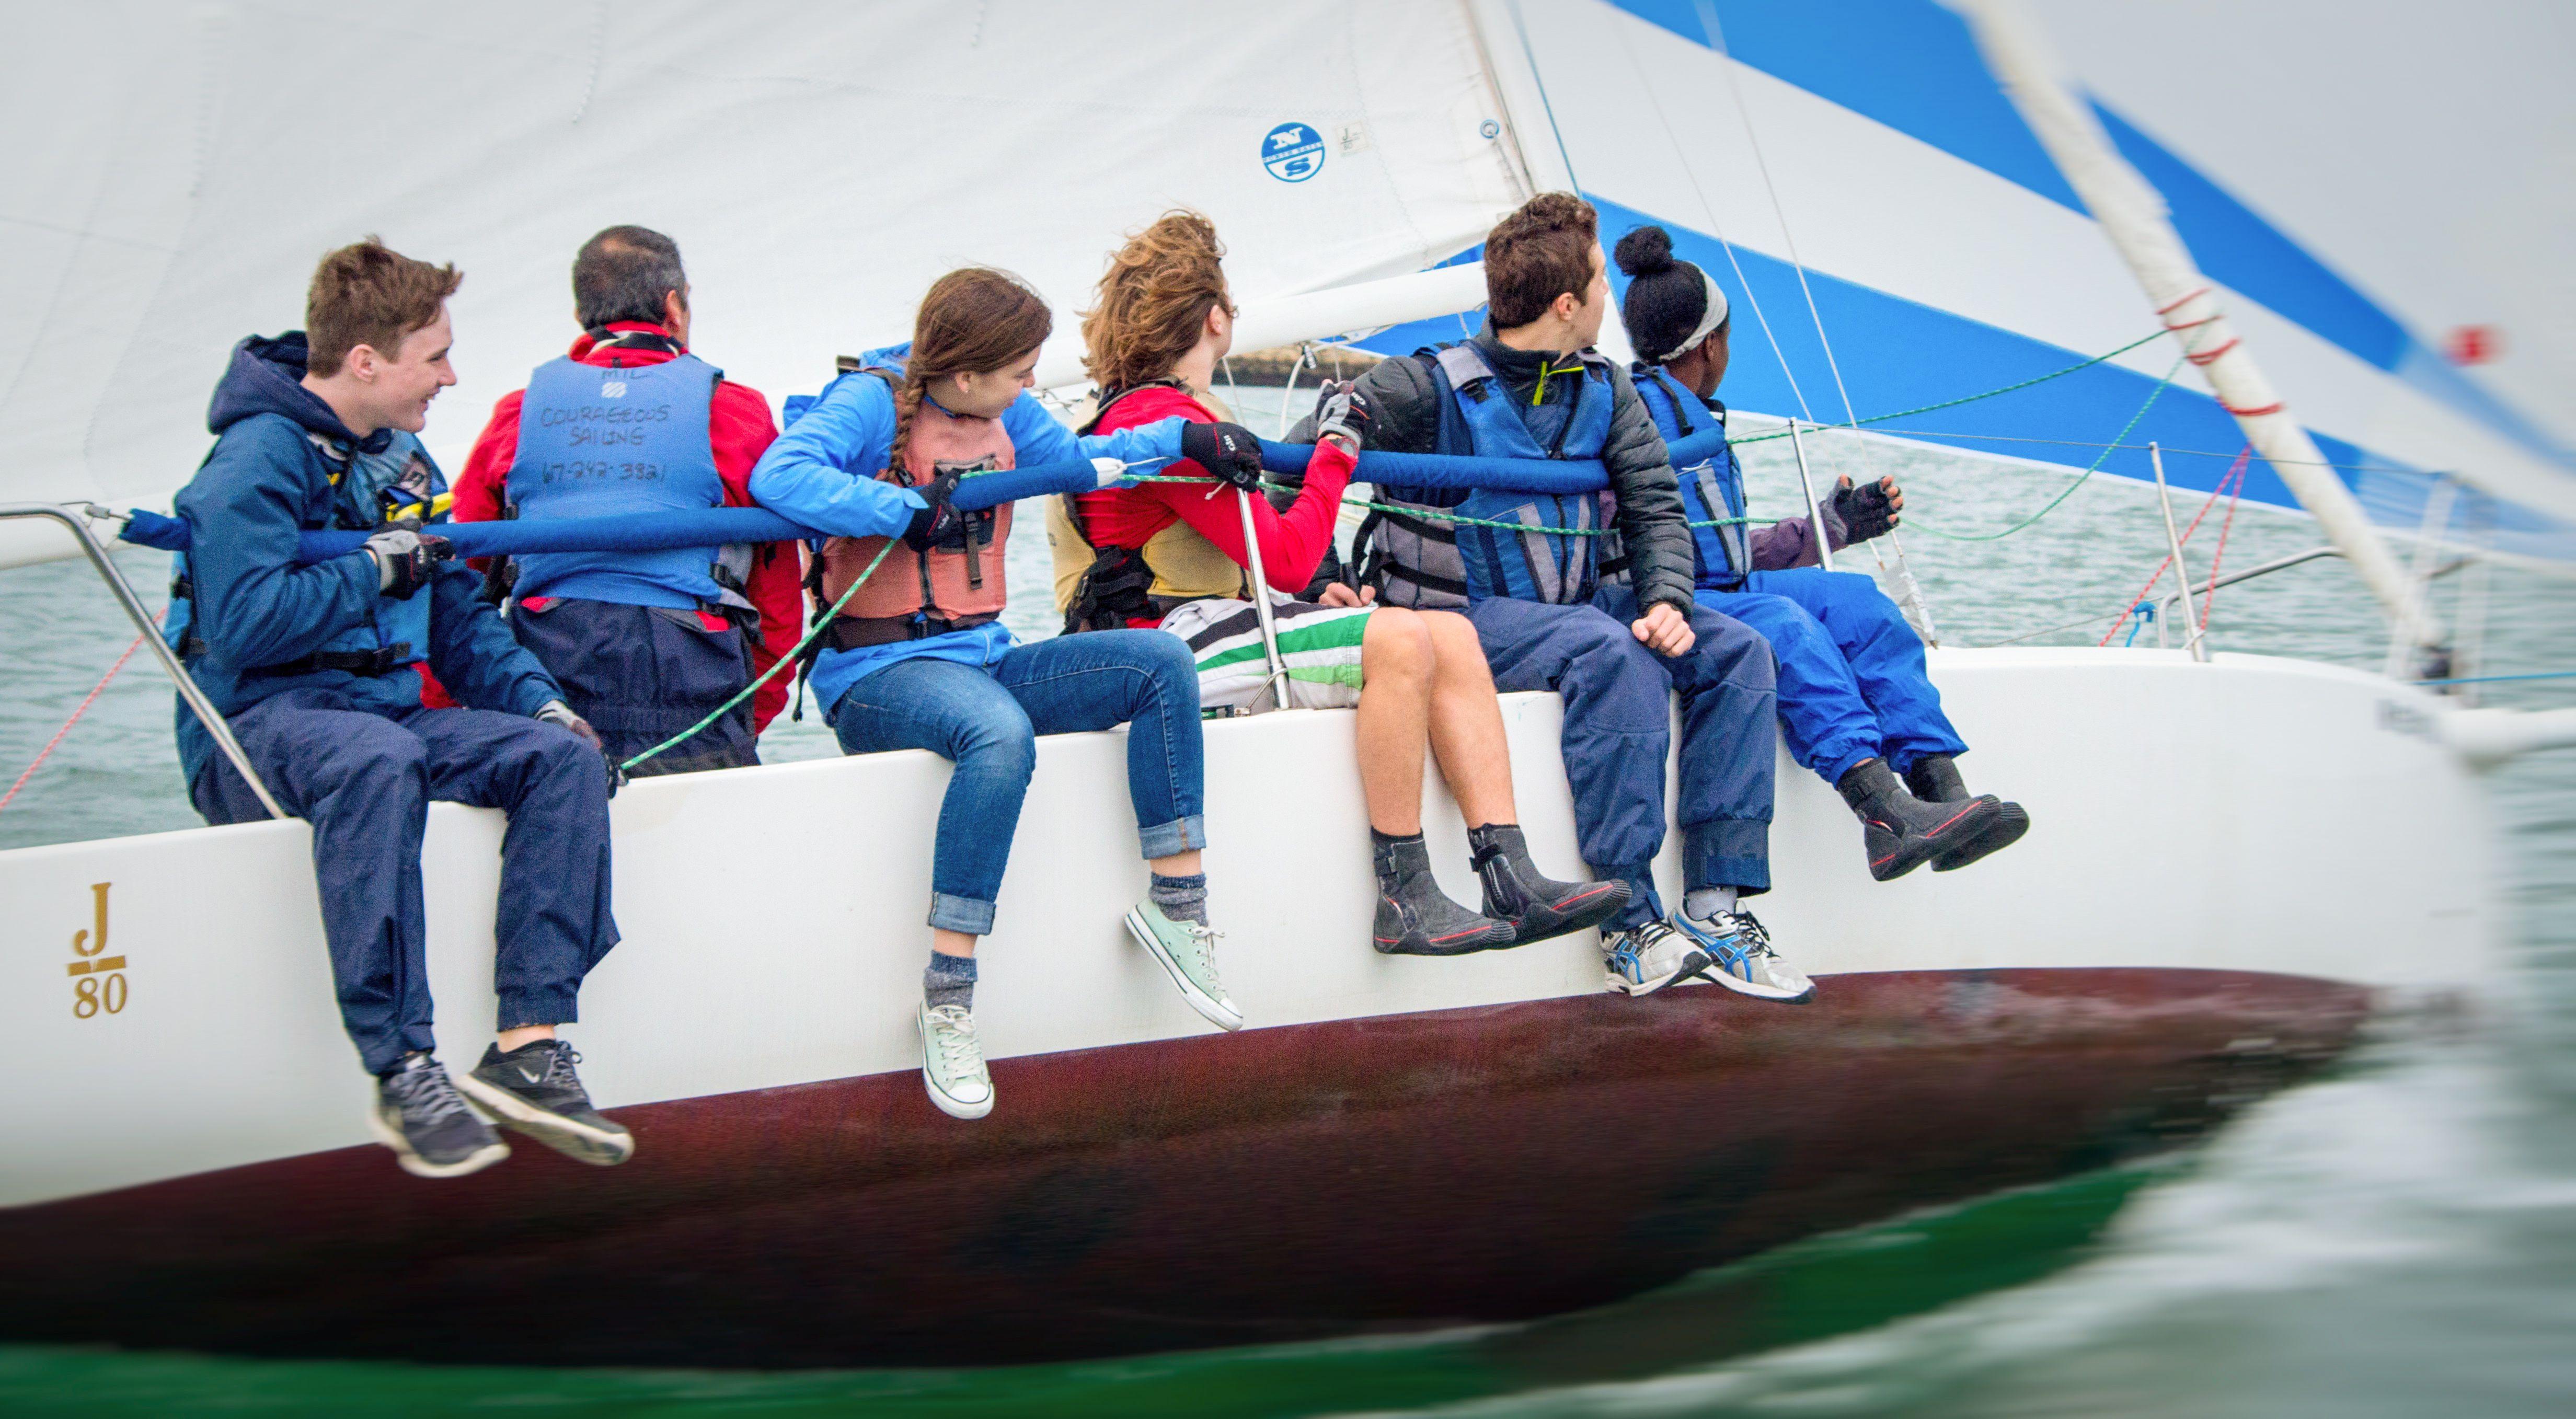 Advanced Sailing J80